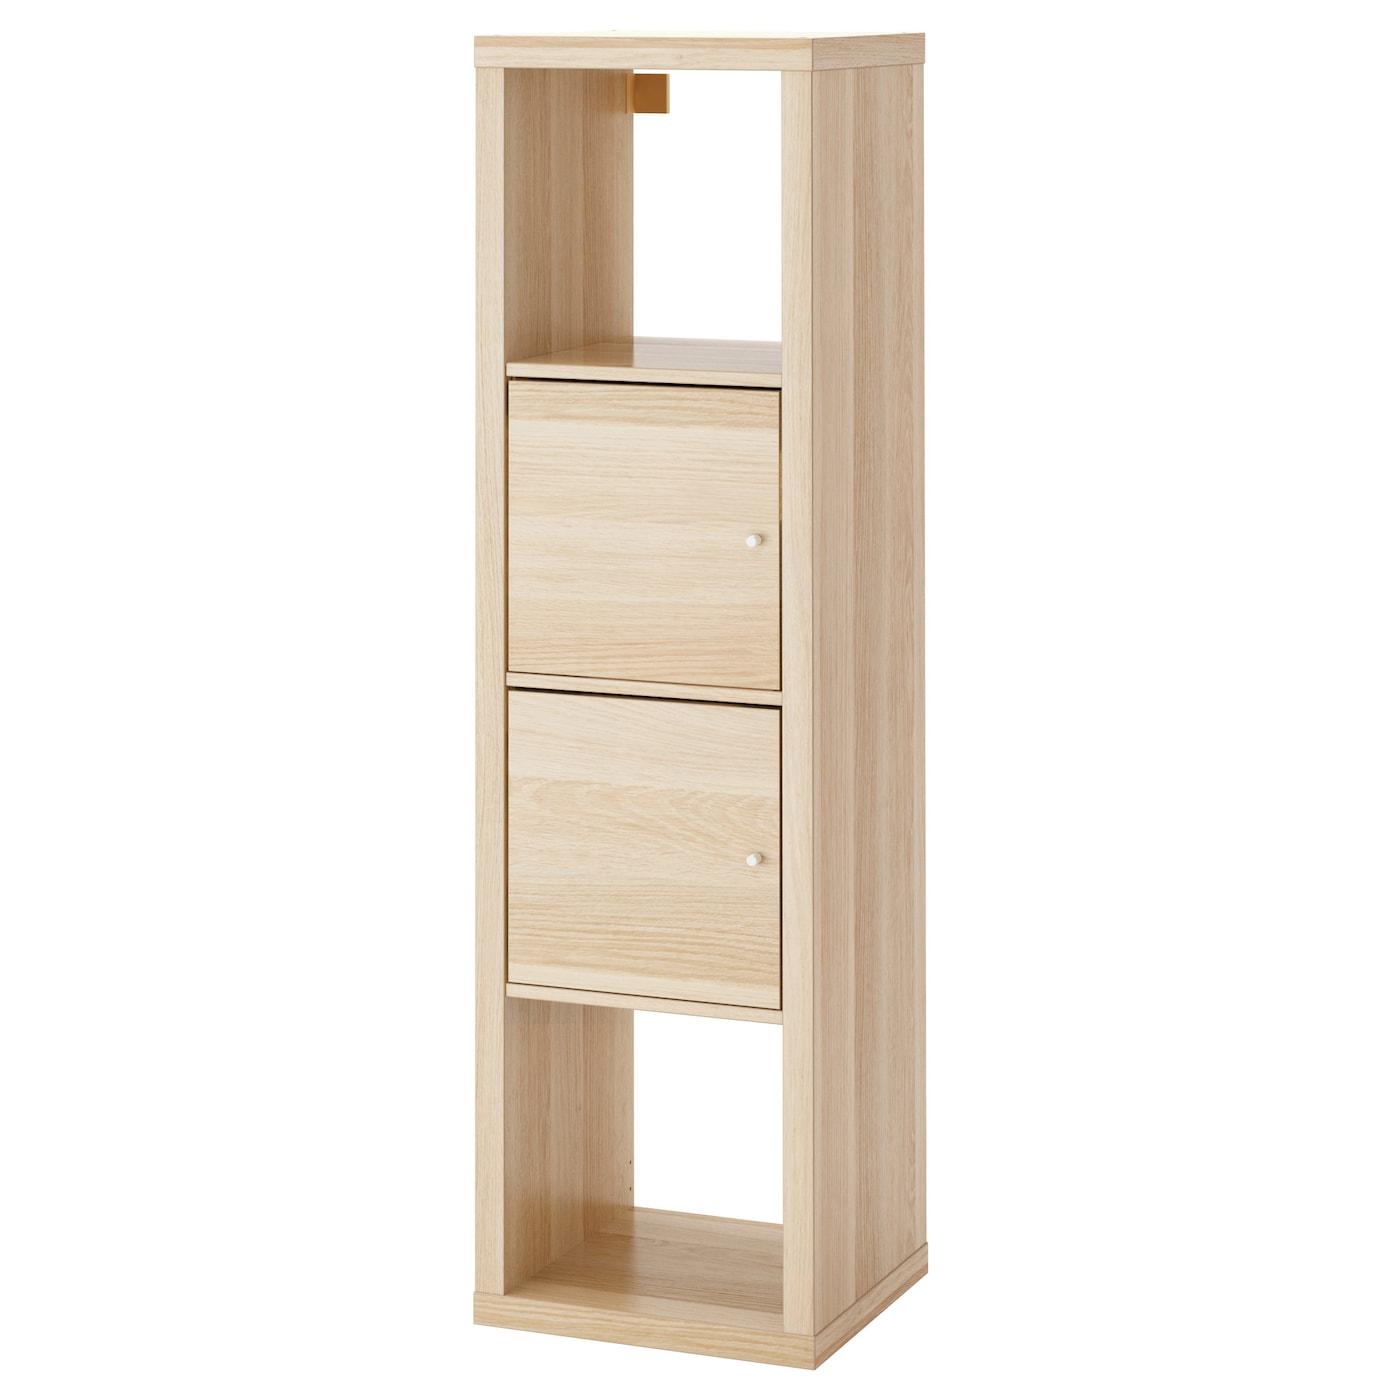 Estanterías Modulares | Compra Online IKEA